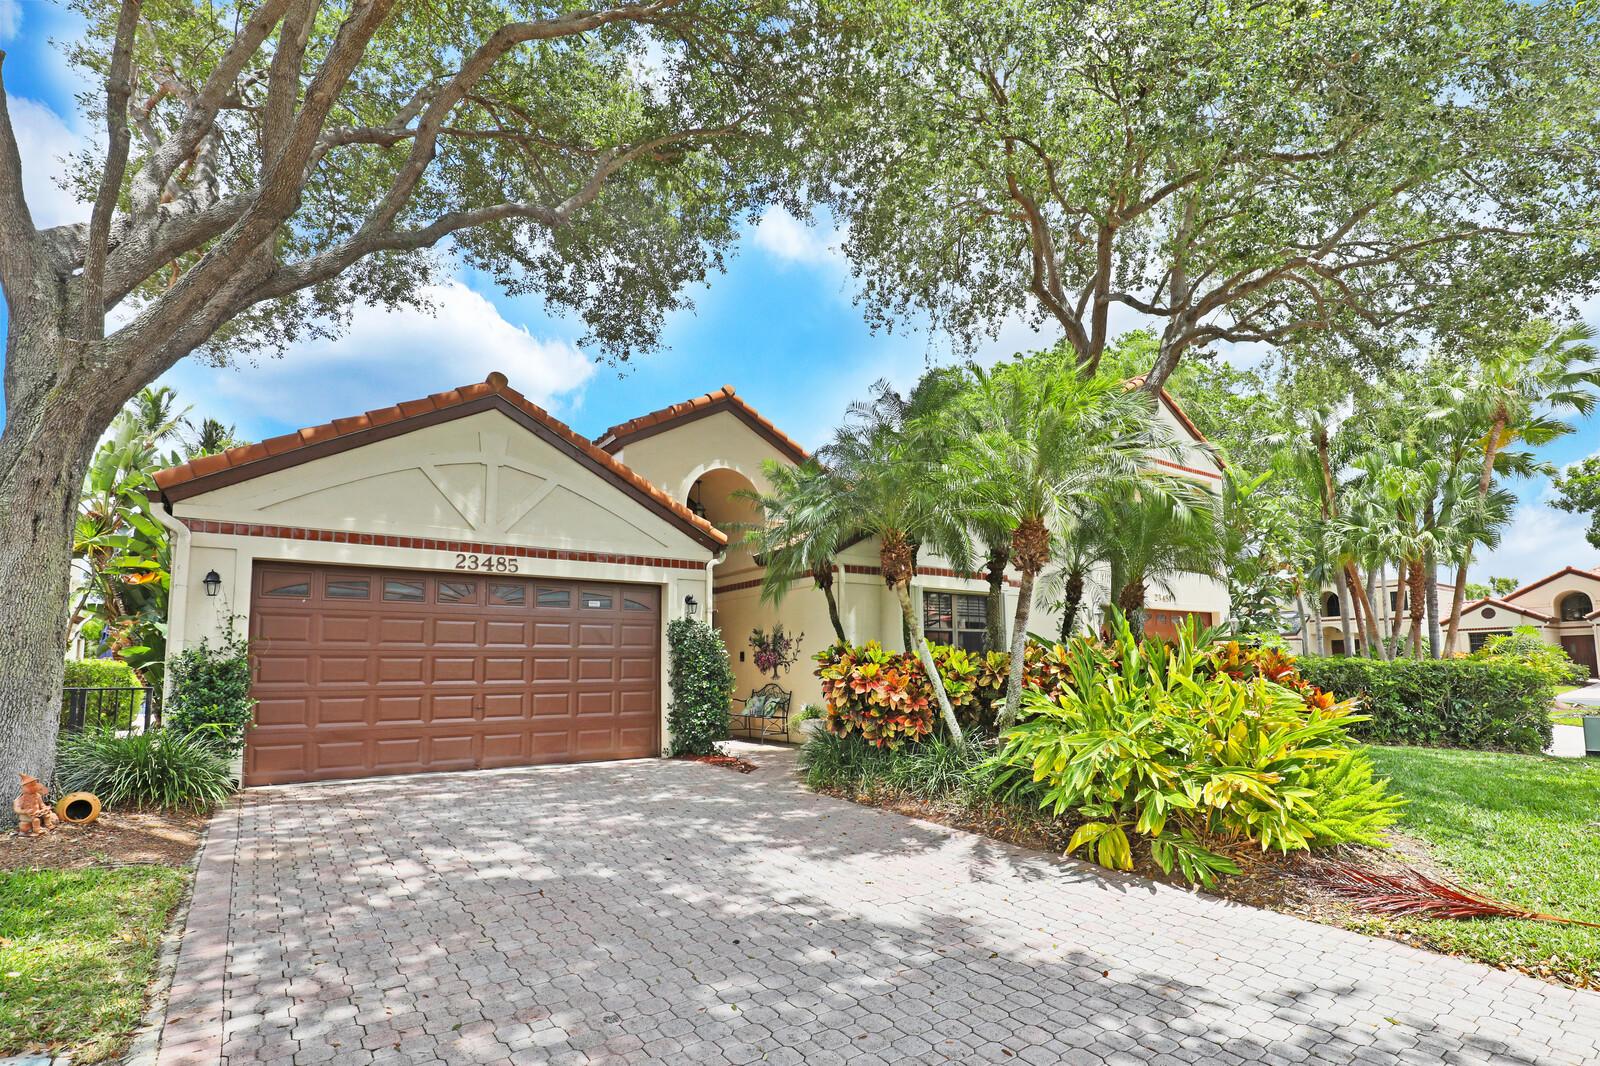 23485 S Mirabella Circle South Boca Raton, FL 33433